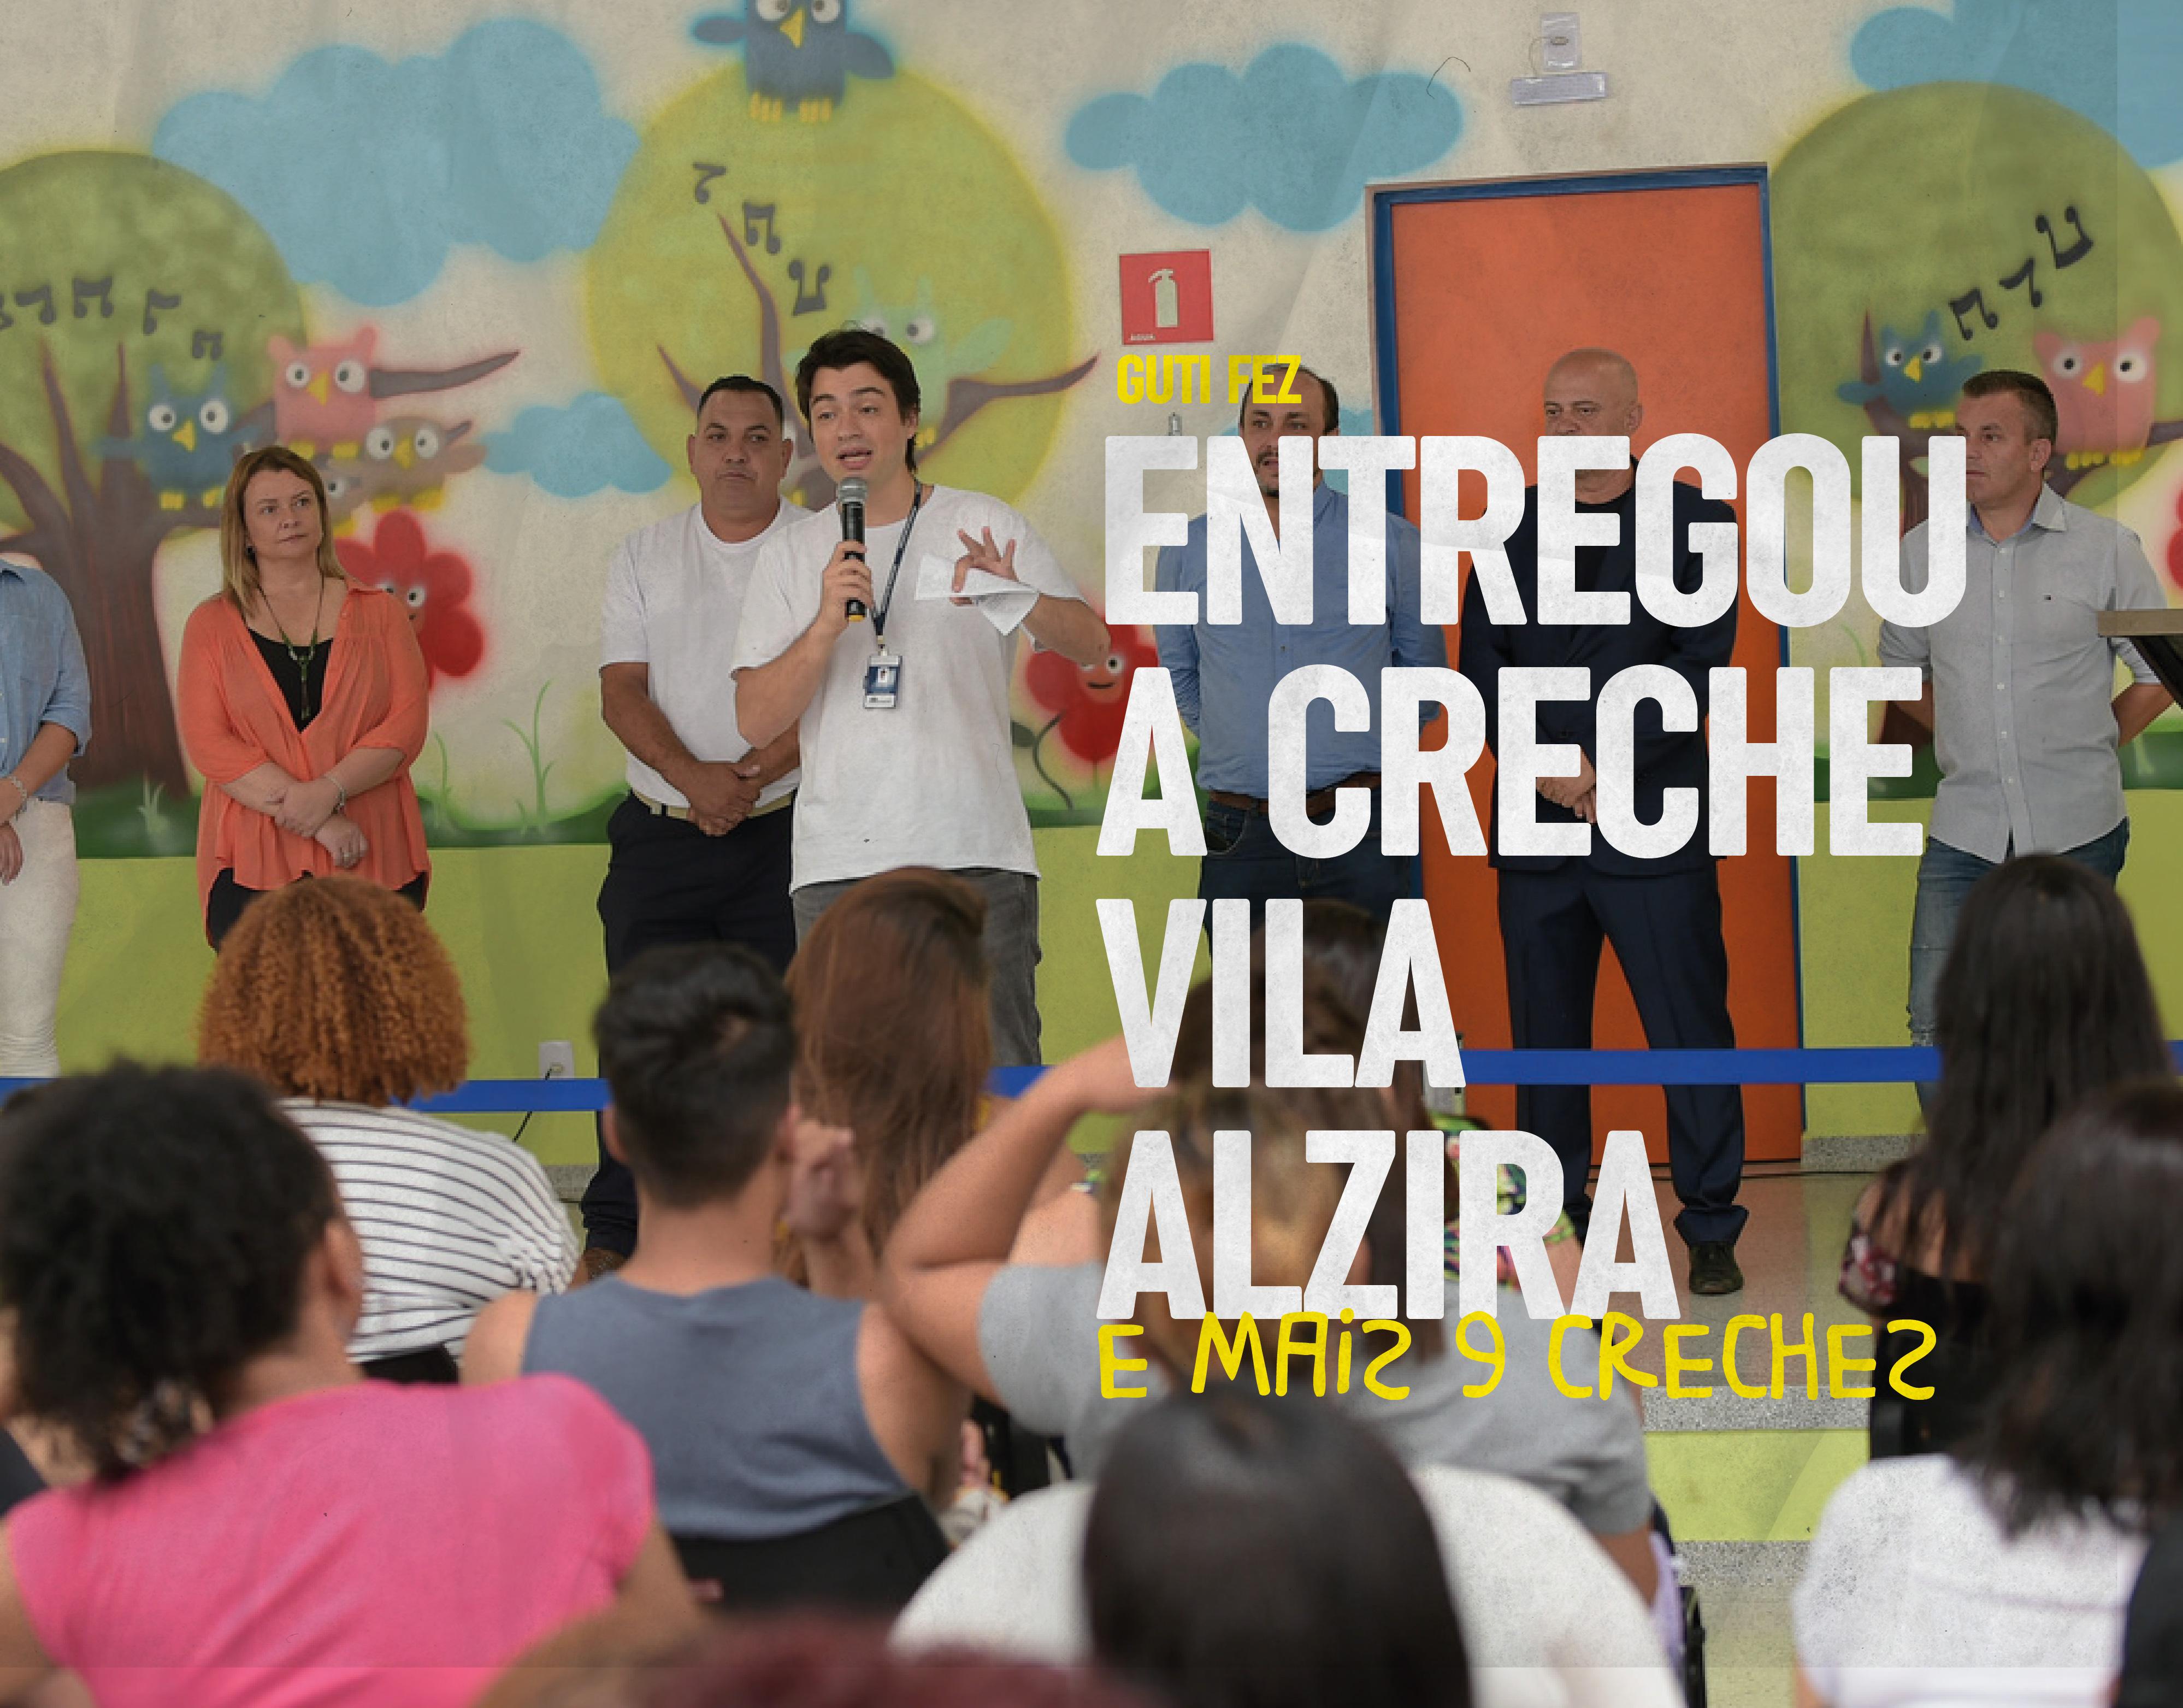 Entregou a creche Vila Alzira - e mais 9 creches